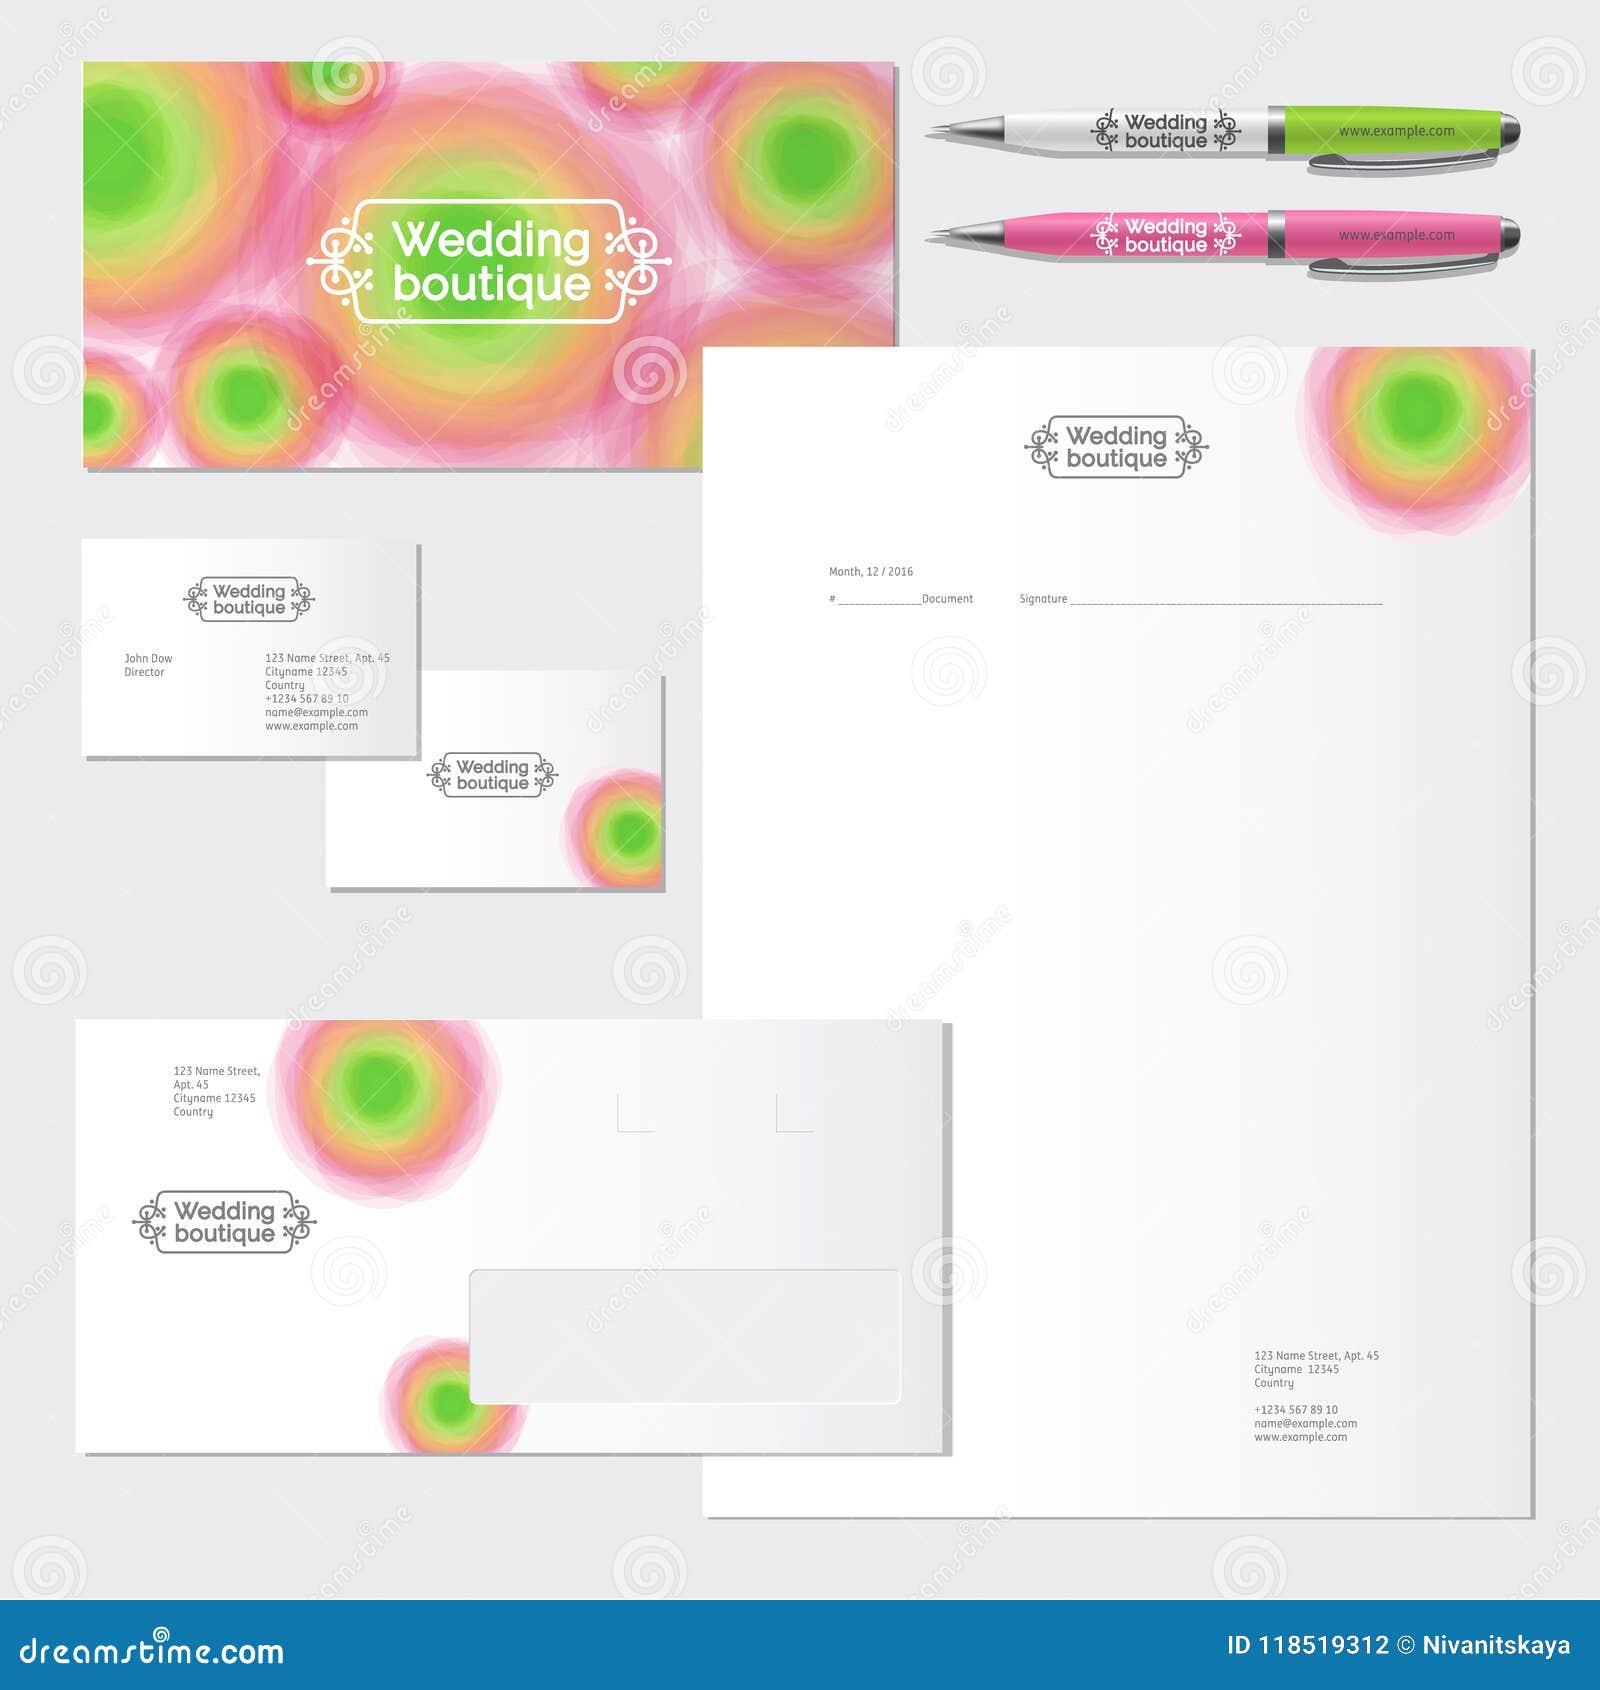 Akwarela kwiatu tożsamość & logo Ślubny salonu logo ilustracji sklepu smellcomp kwiat tożsamość